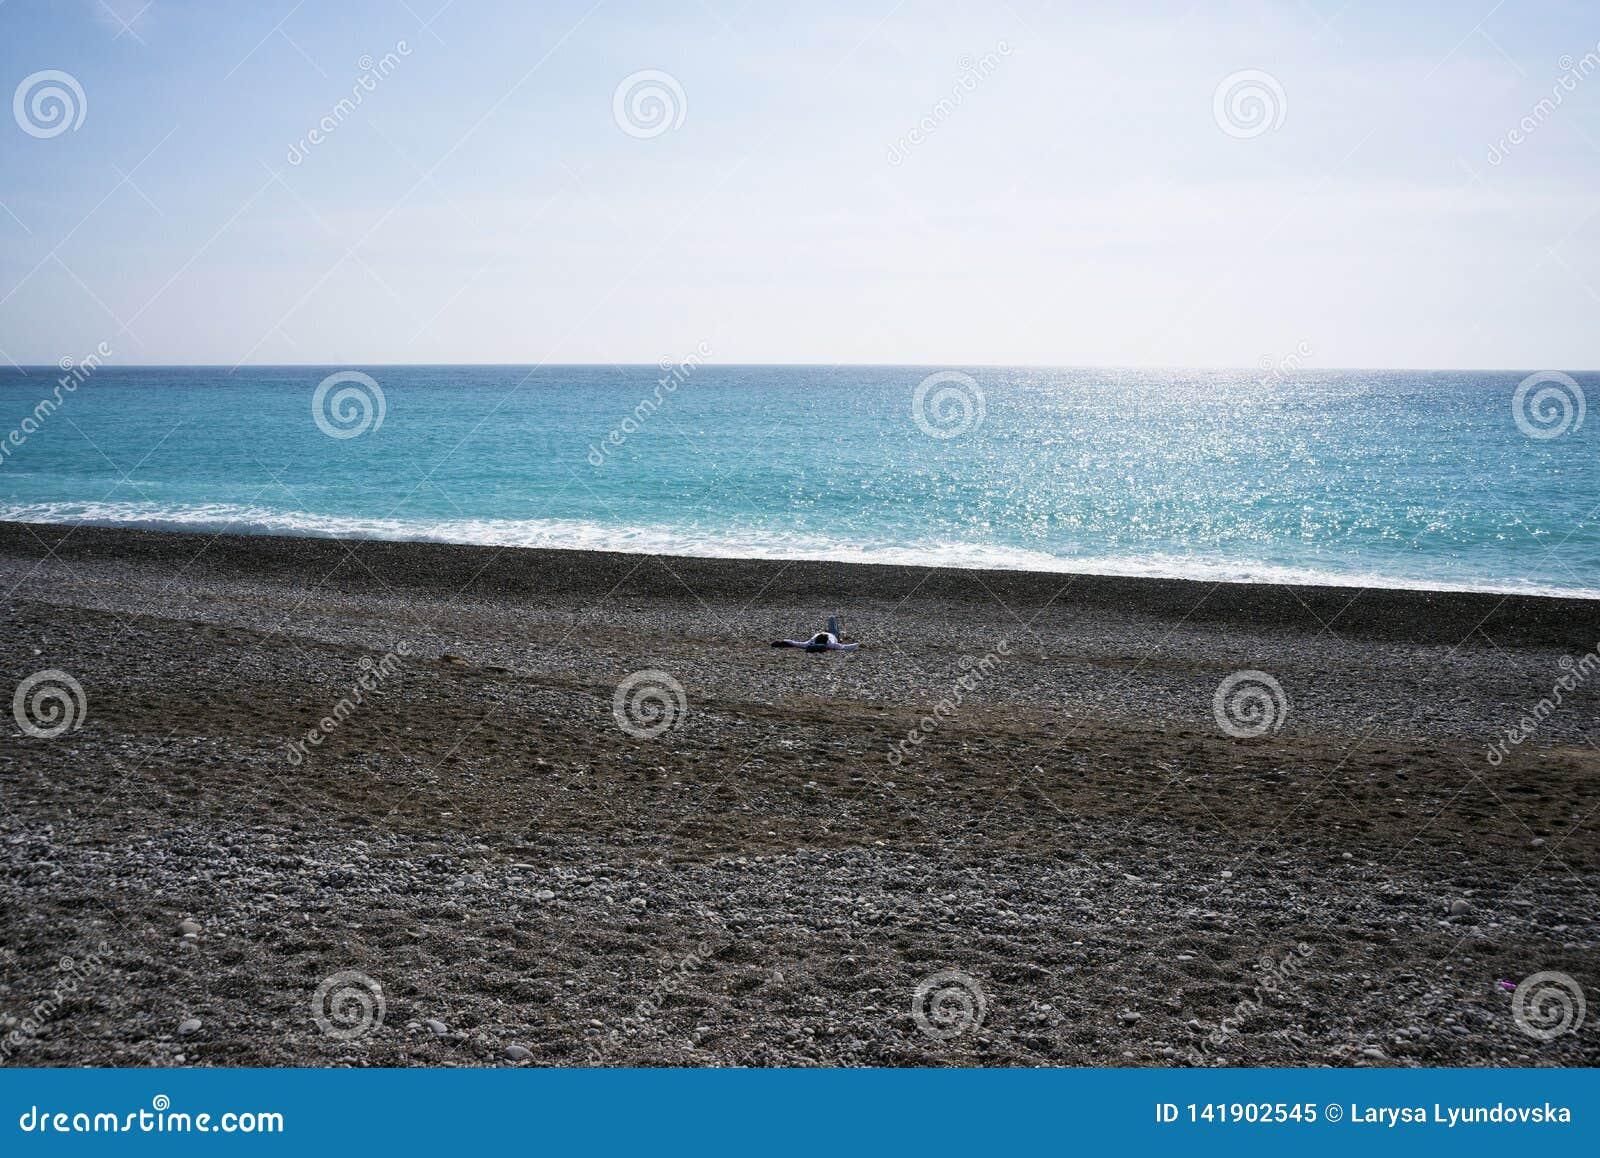 Уединенный человек на дезертированном Pebble Beach на Cote d Azur Остатки и релаксация морем